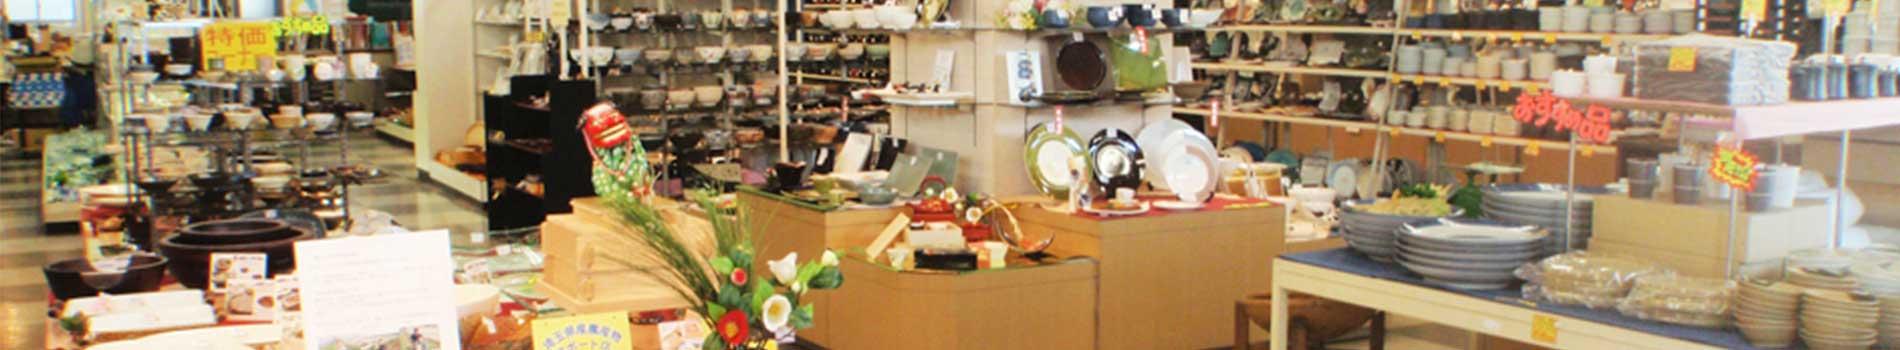 食器/調理道具/厨房機器等 数多くの商品を取り揃えておりますので 一度、丸紅ショールームへぜひお越し下さい。 営業時間は平日9:30~17:30です。